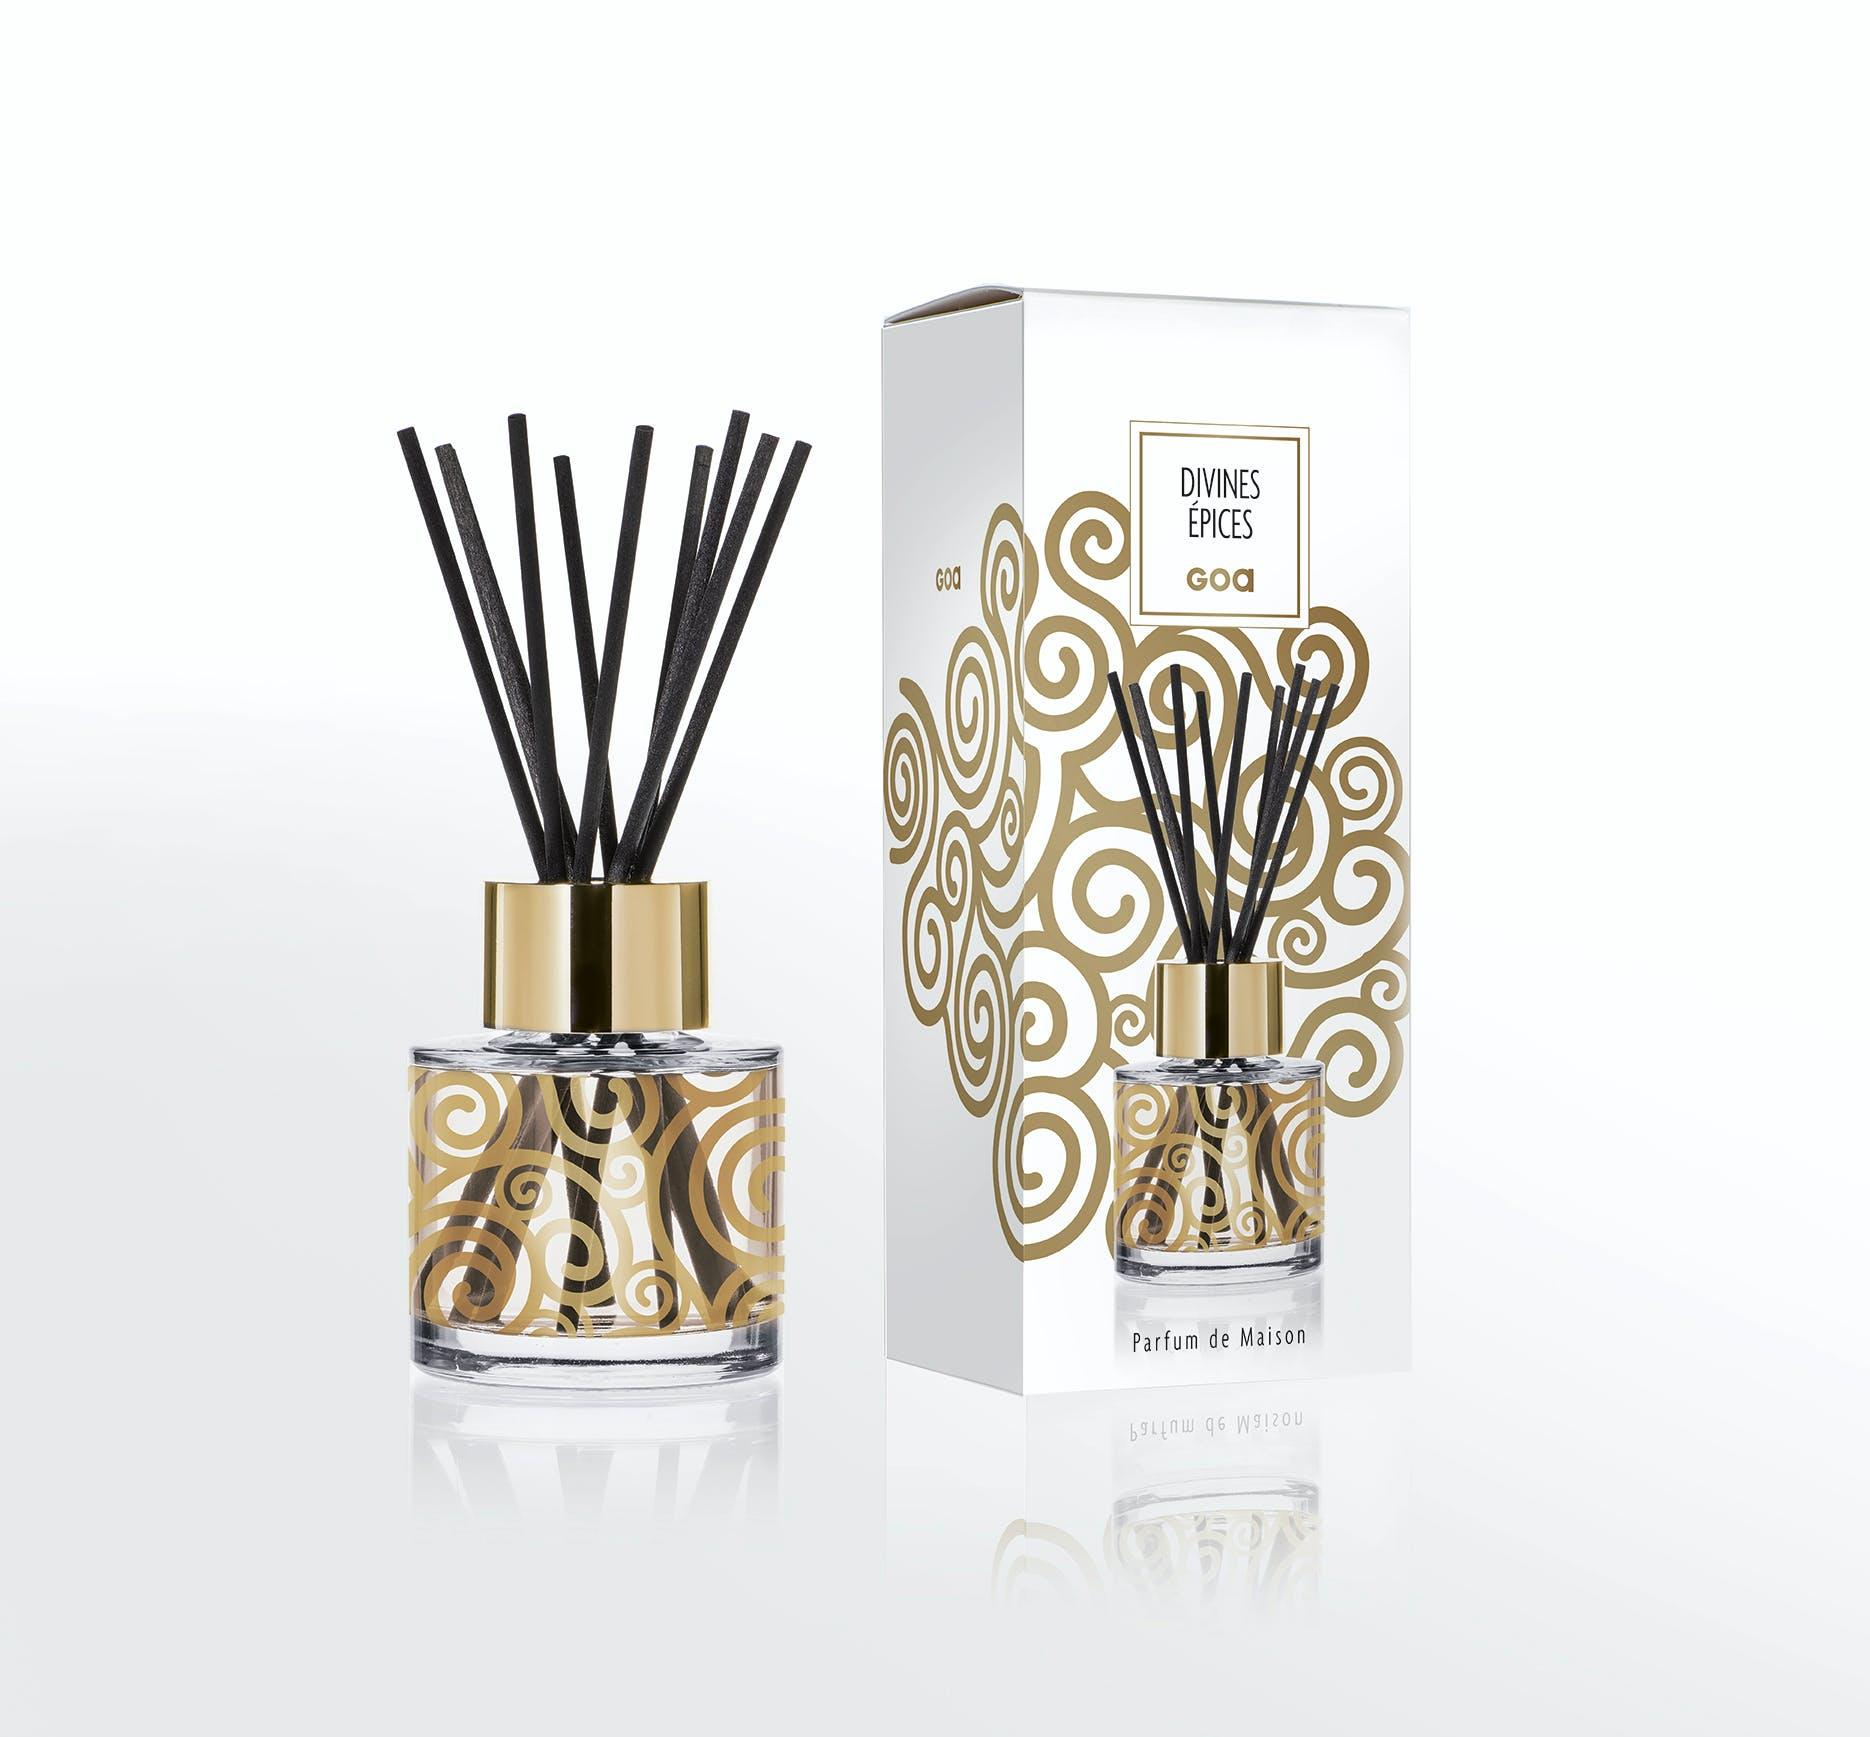 Diffuseur de parfum Divines Epices CLEM GOA 200ml